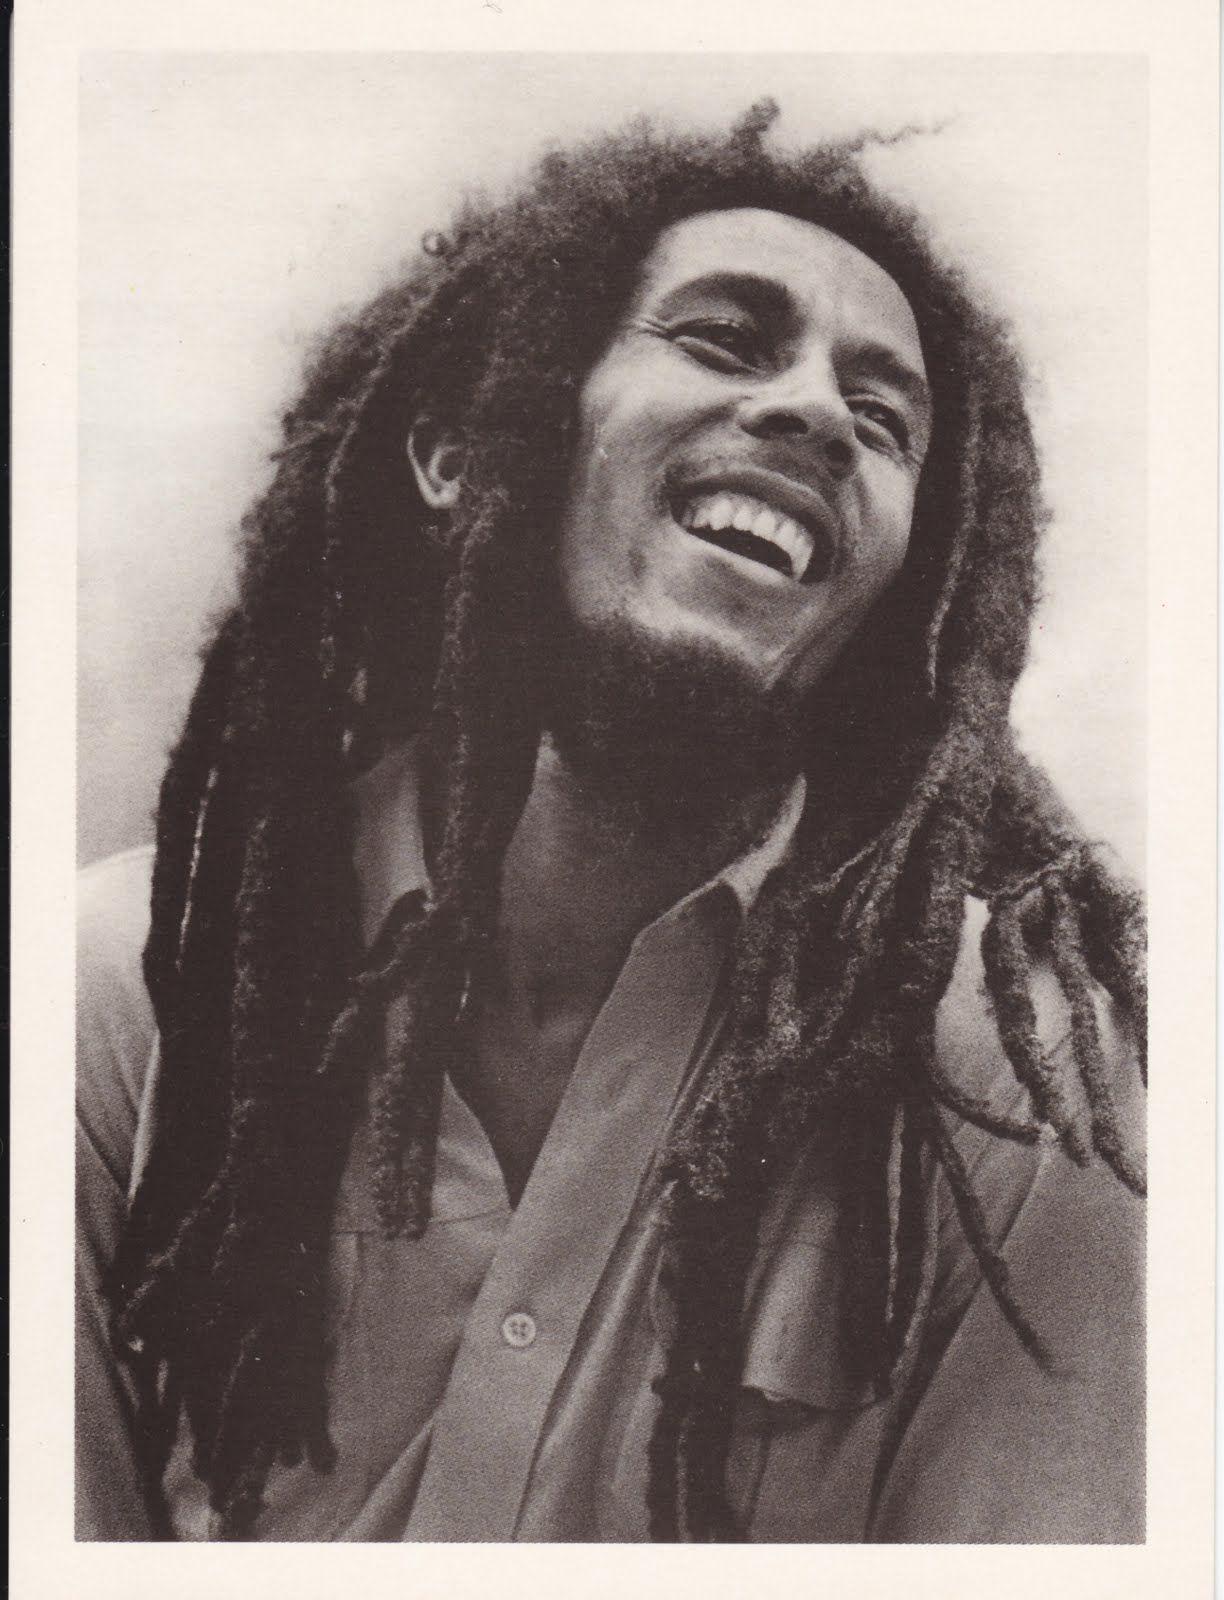 Bob Marley Photo Bob Marley